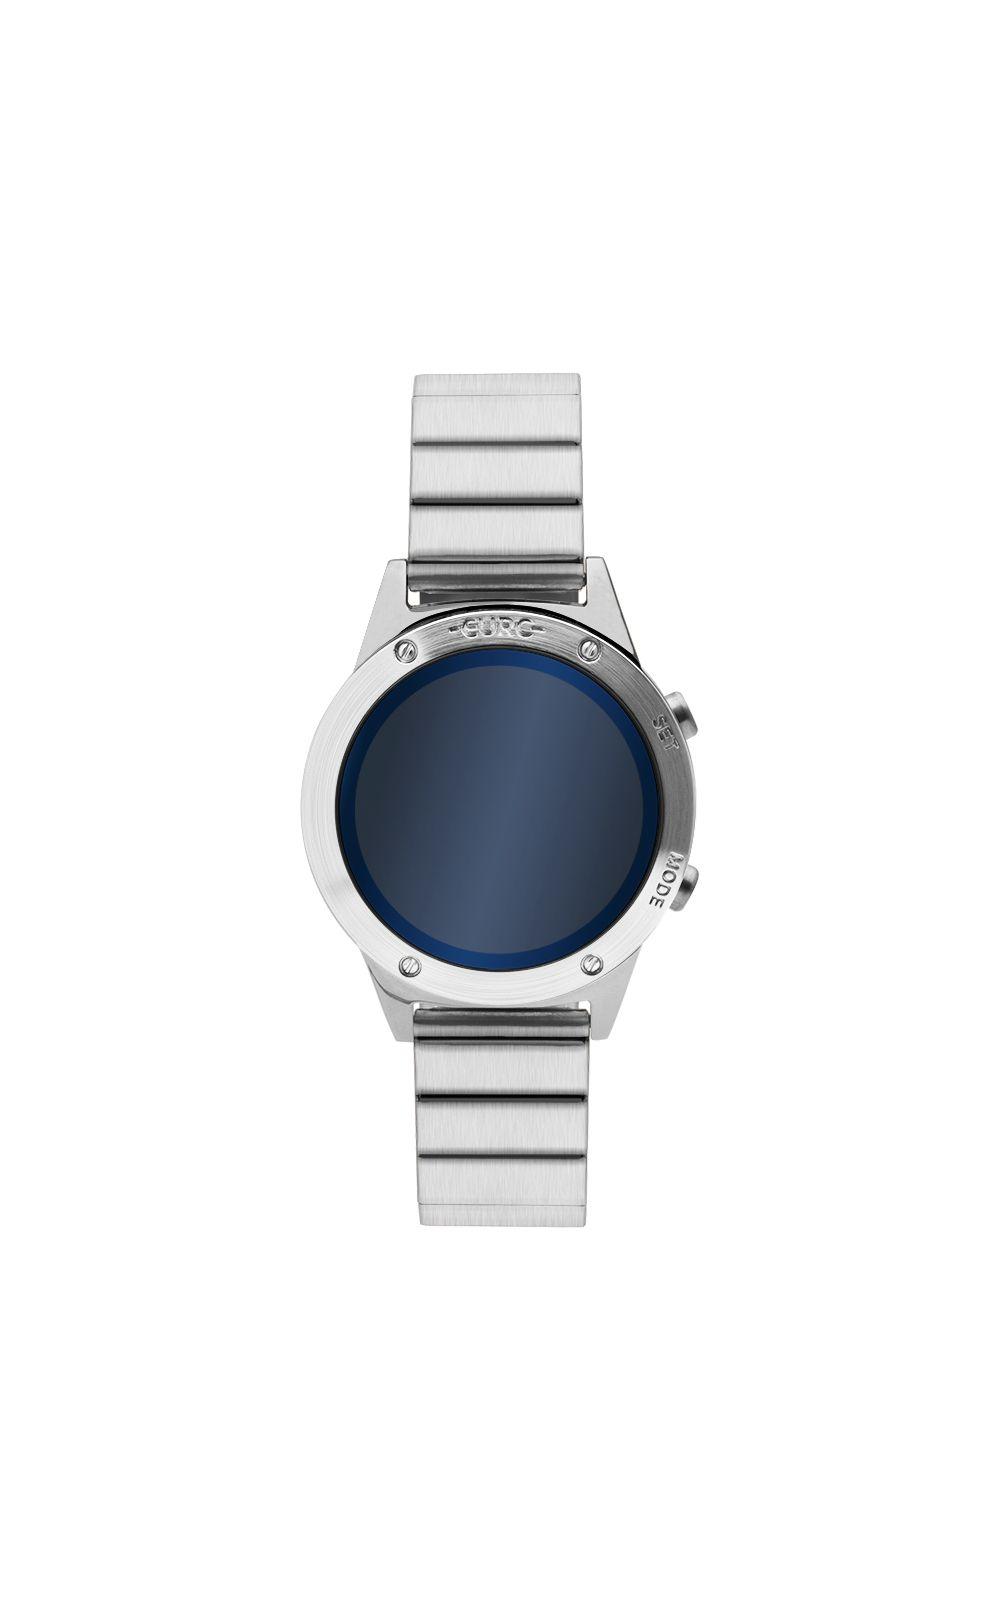 c1313d1da2b14 Relógio Euro Feminino Fashion Fit Reflexos Prata EUJHS31BAA 3A   Opte+